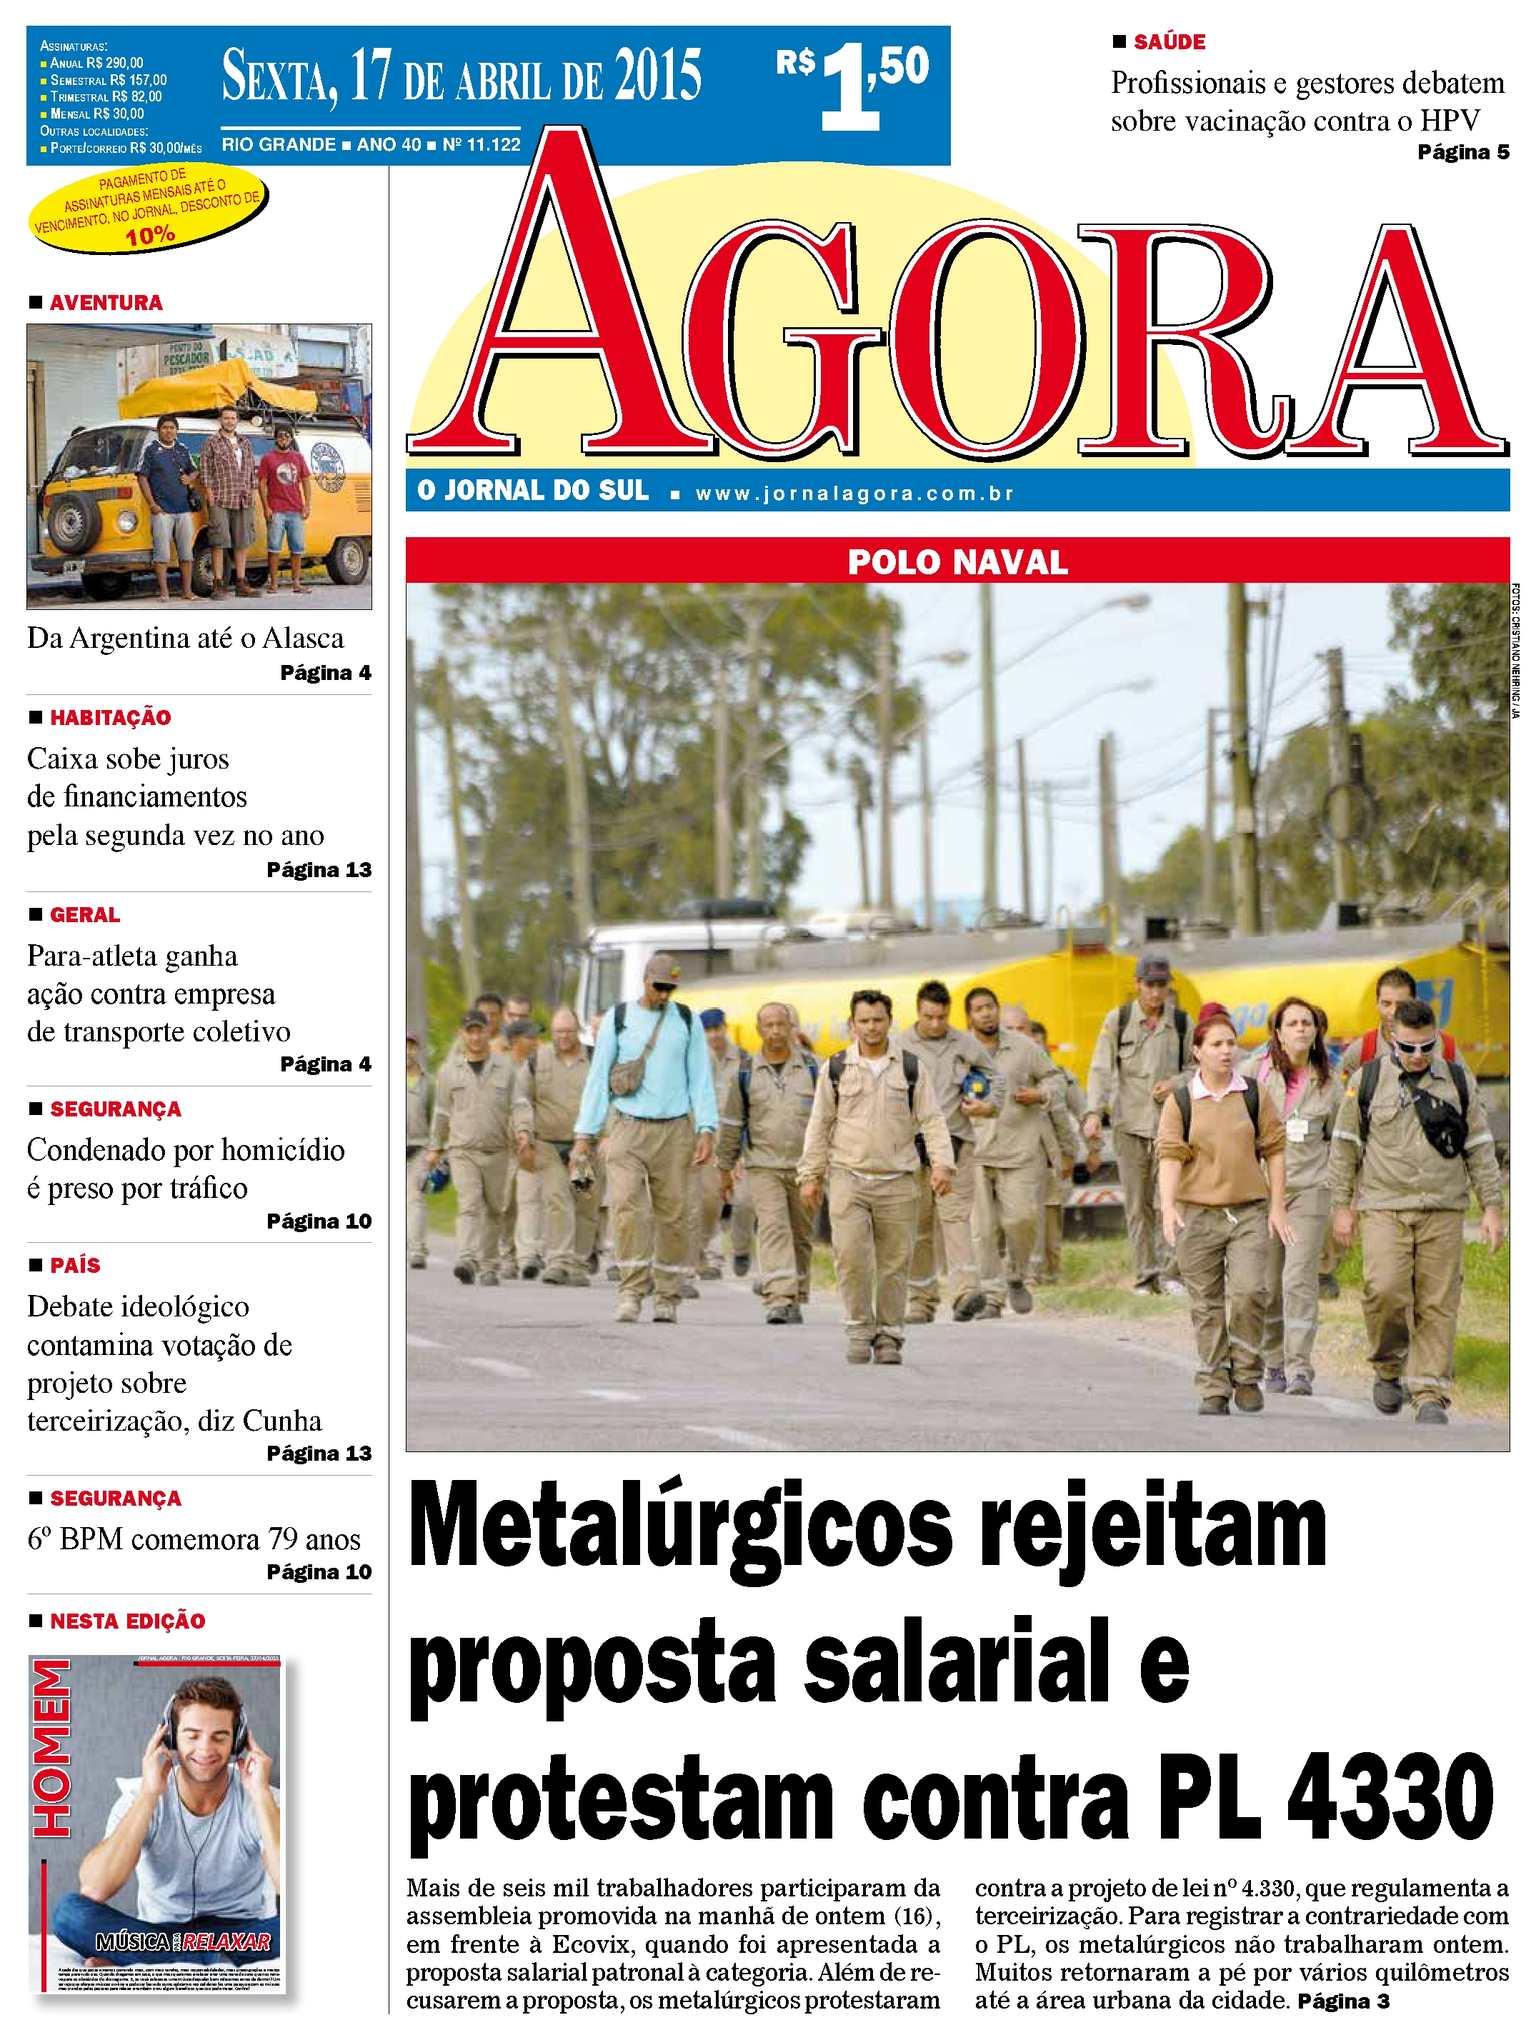 d662b750956 Calaméo - Jornal Agora - Edição 11122 - 17 de Abril de 2015